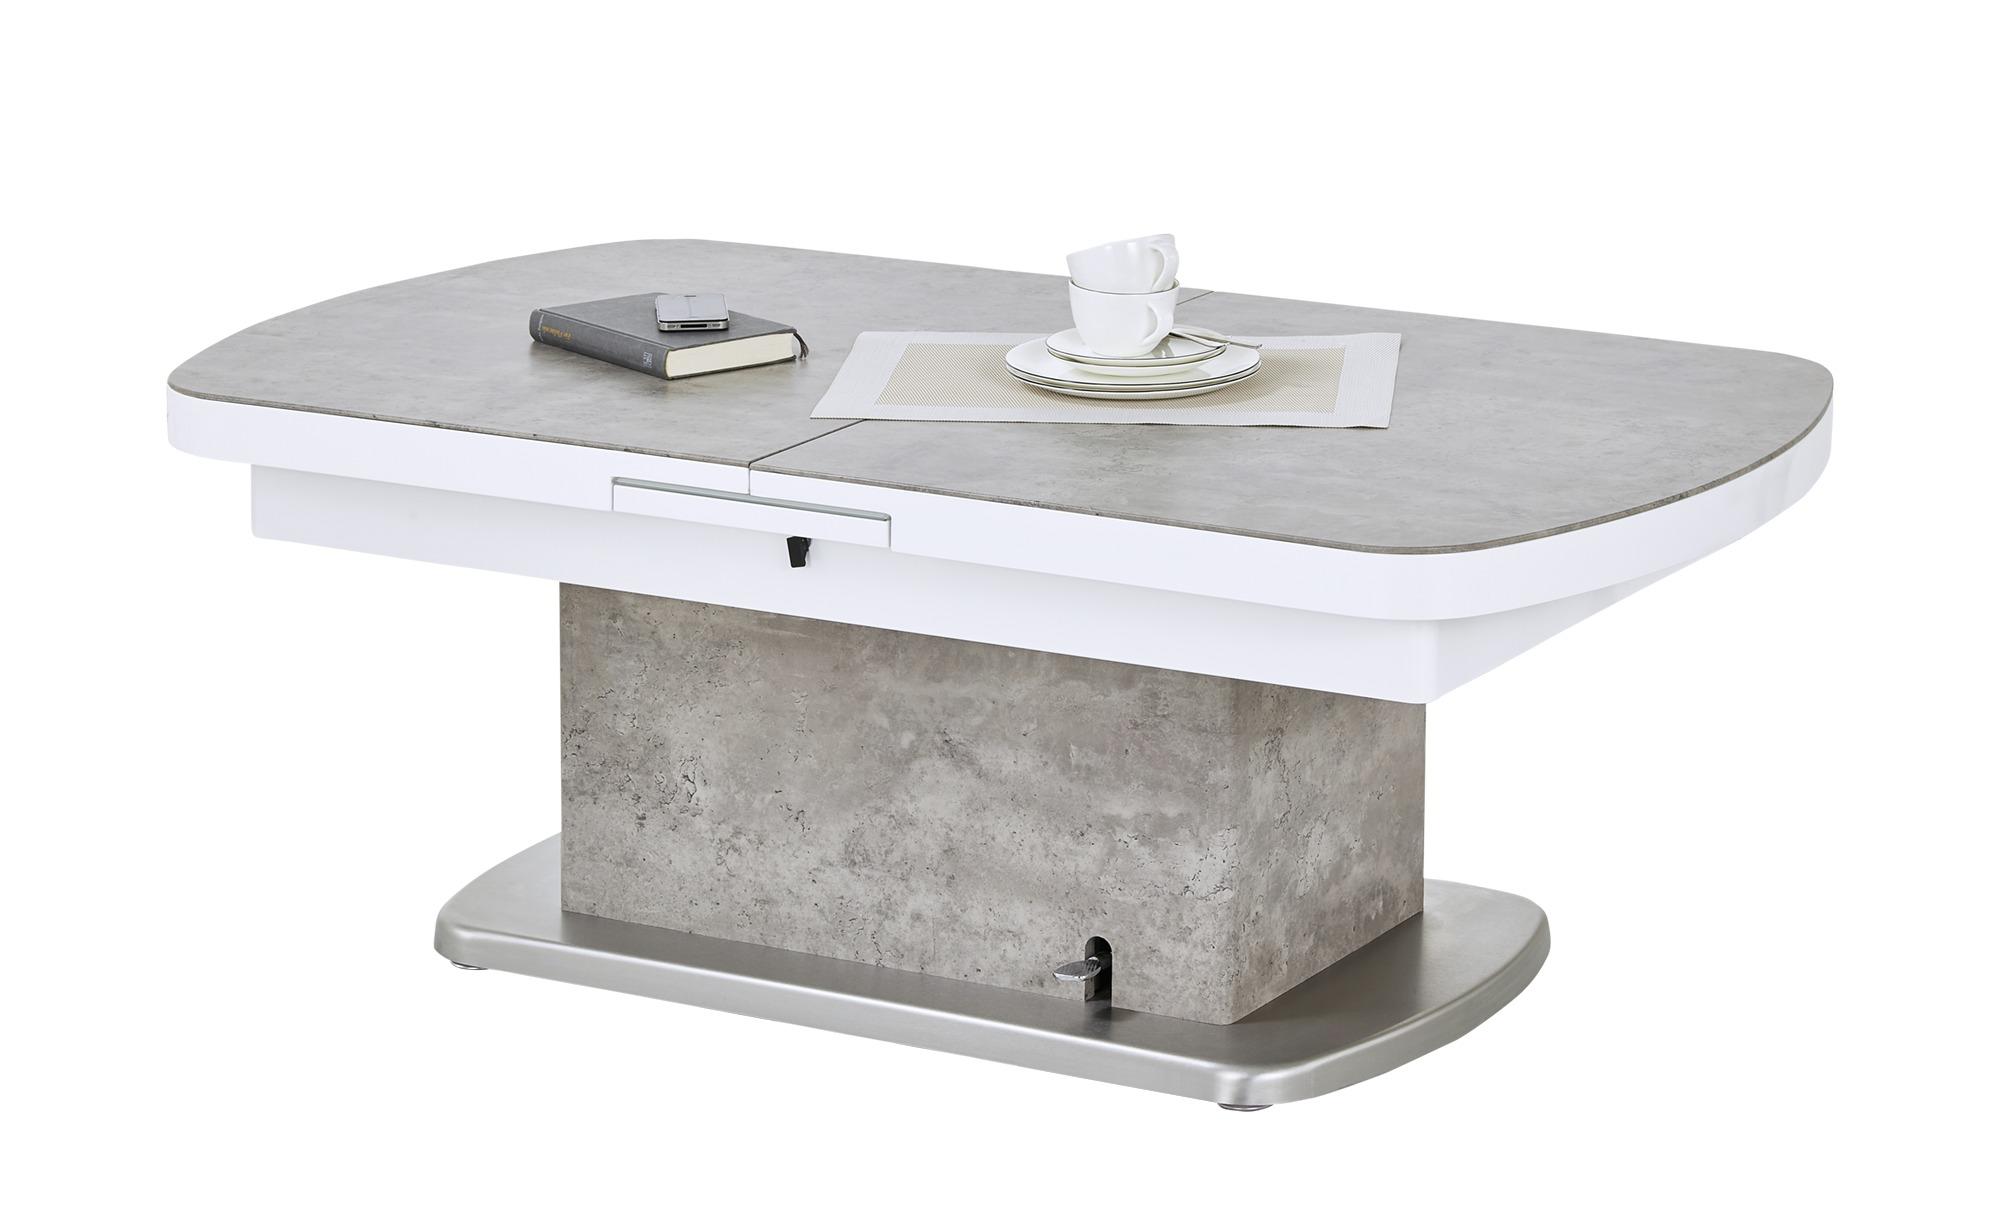 Couchtisch  Sizilien ¦ grau ¦ Maße (cm): B: 75 H: 50,5 Tische > Couchtische > Couchtische höhenverstellbar - Höffner